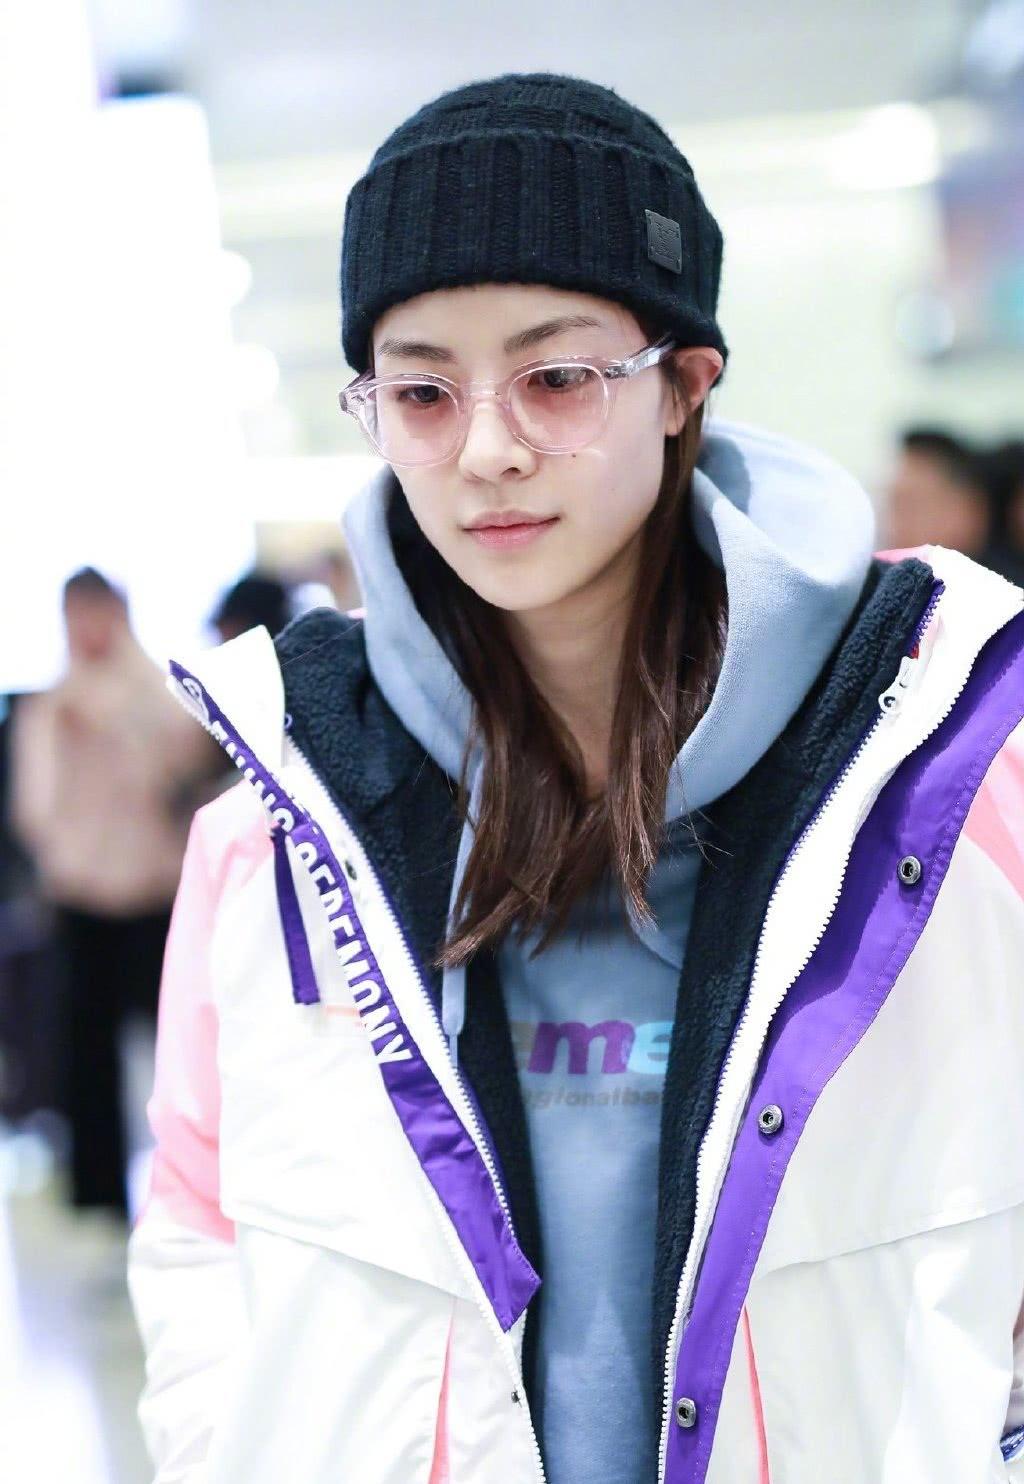 钟楚曦机场私服装扮超酷炫,粉色眼镜加白色运动套装,气场十足